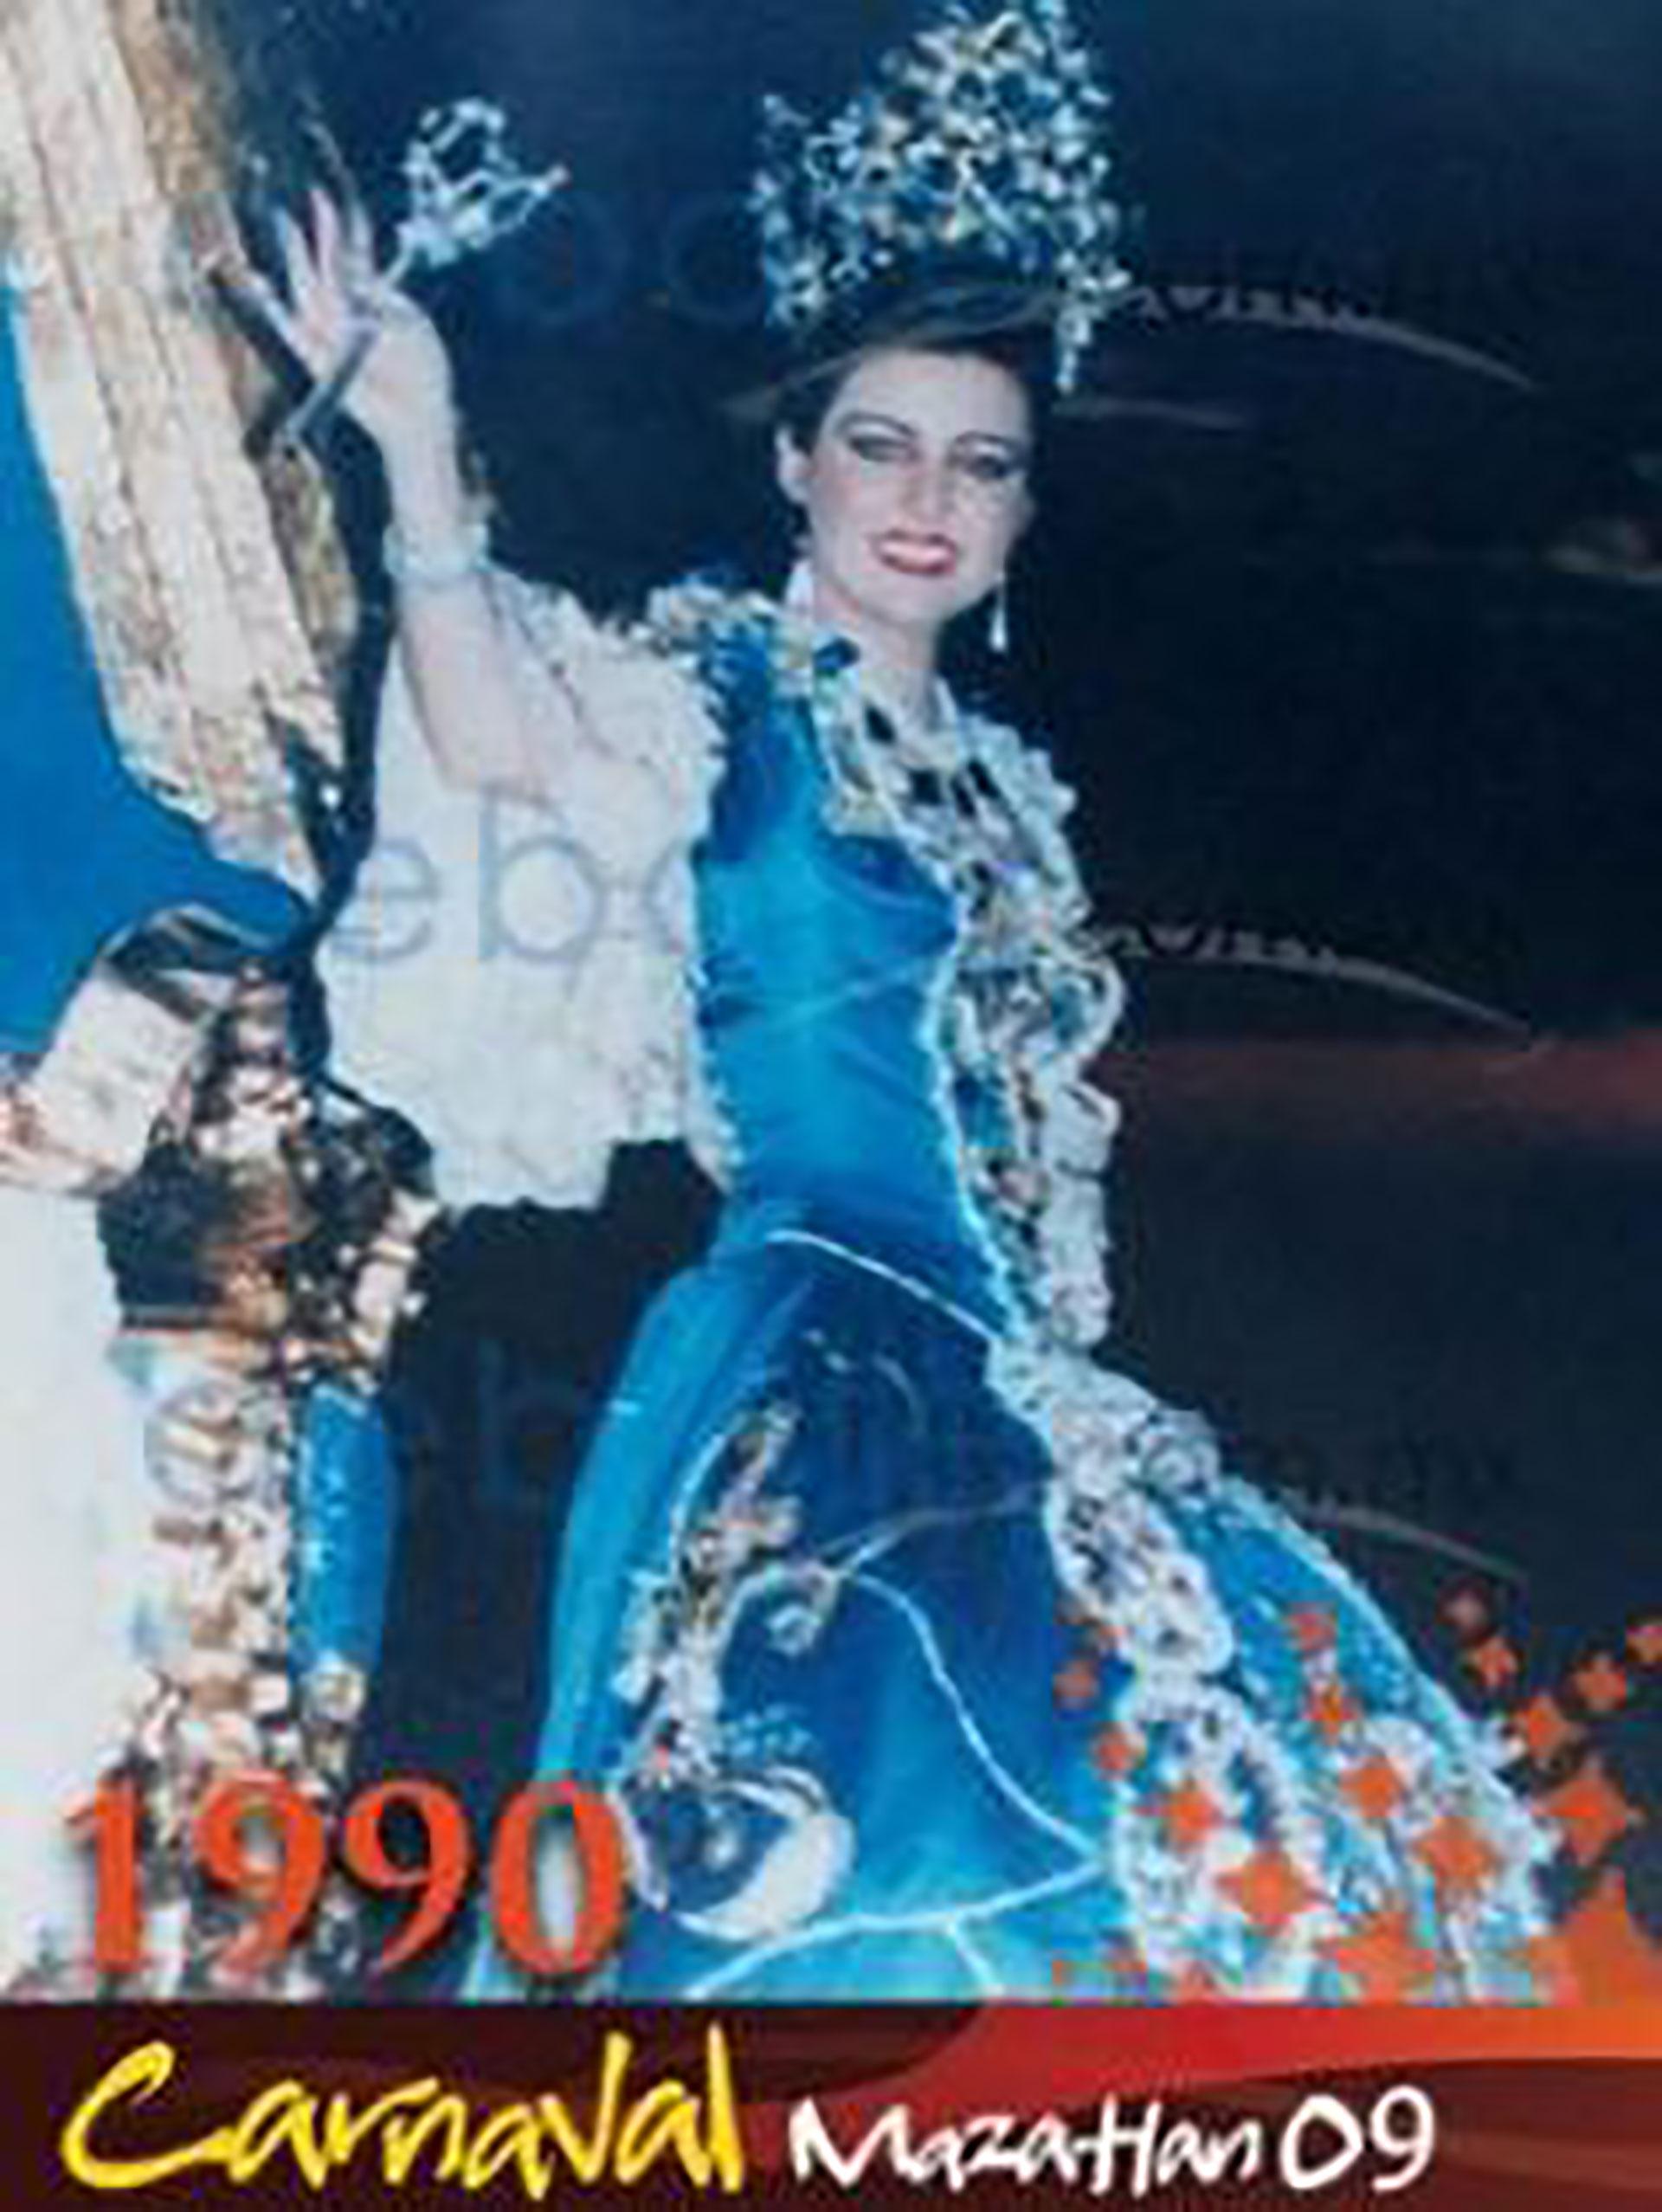 El día que uno de los Arellano Félix se robó a la reina del Carnaval y estropeó la fiesta más importante de Mazatlán - Infobae